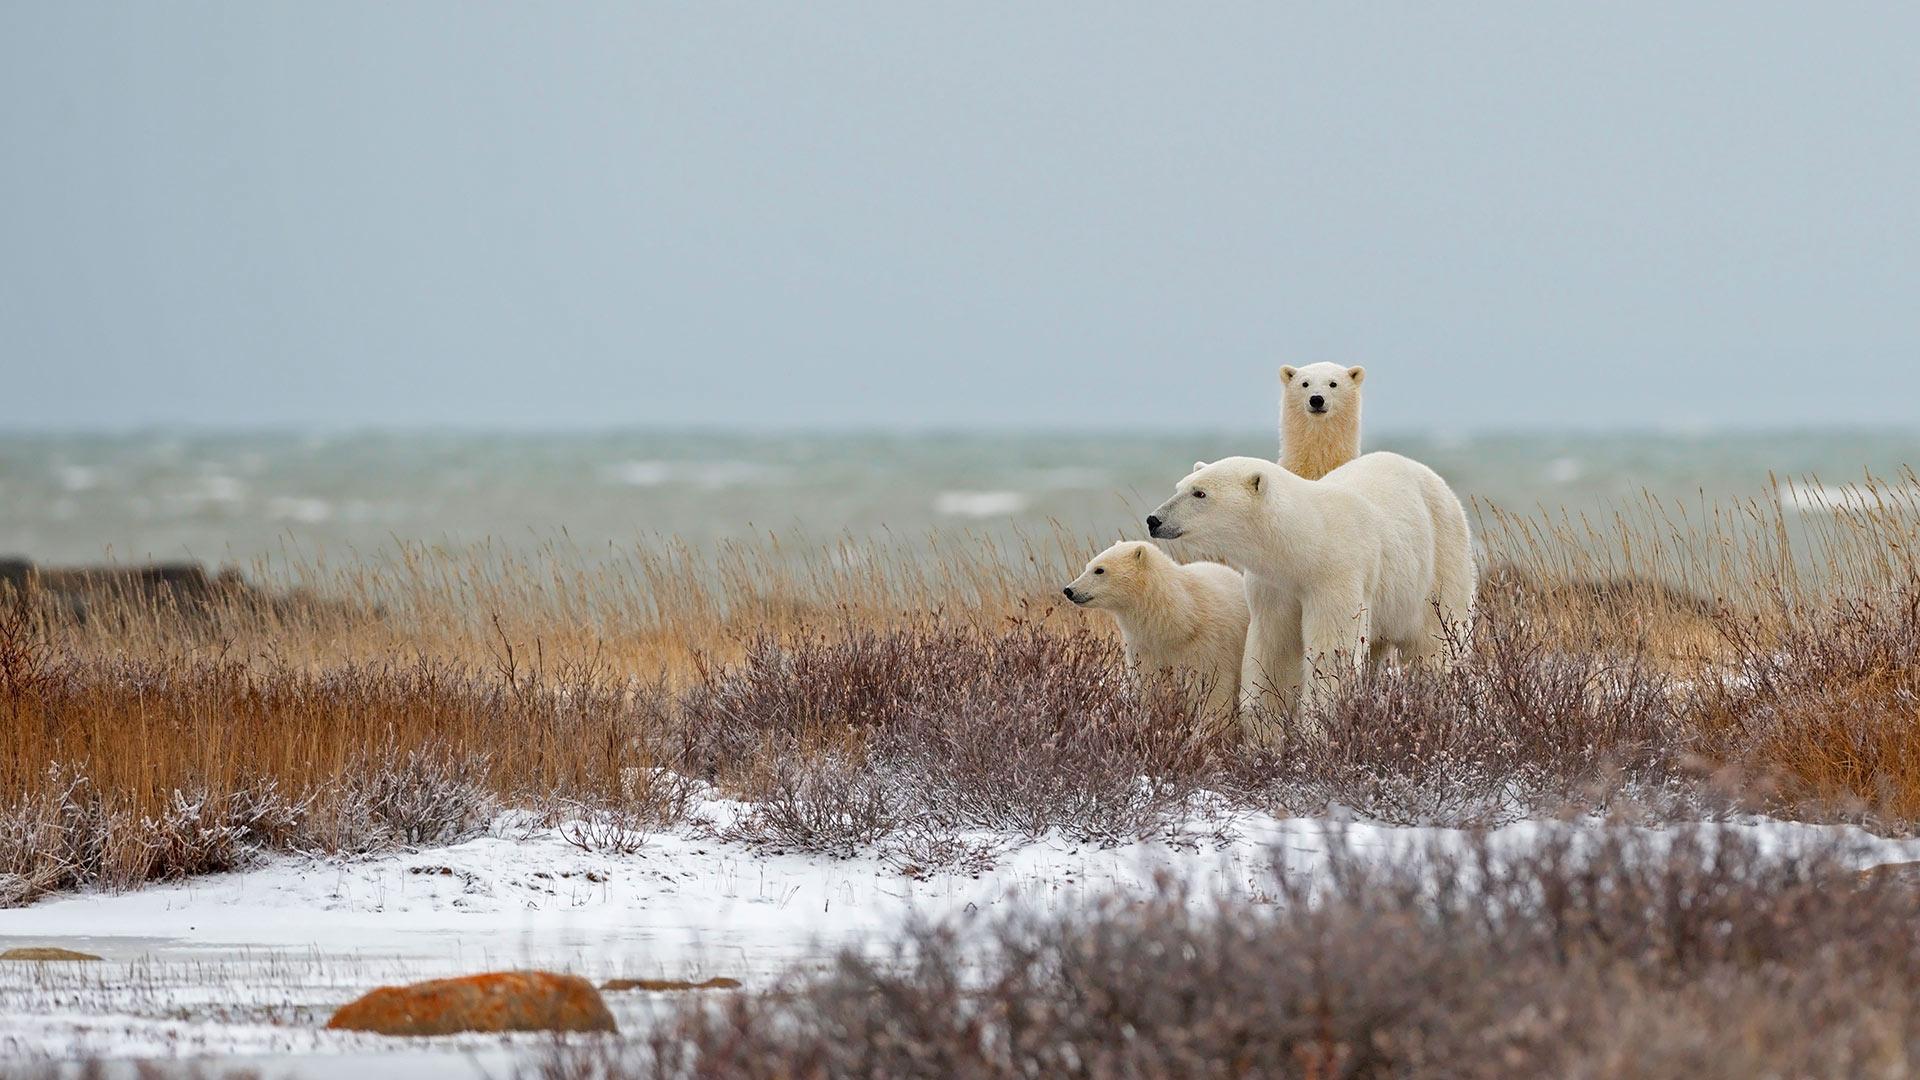 丘吉尔哈德逊湾附近的北极熊一家